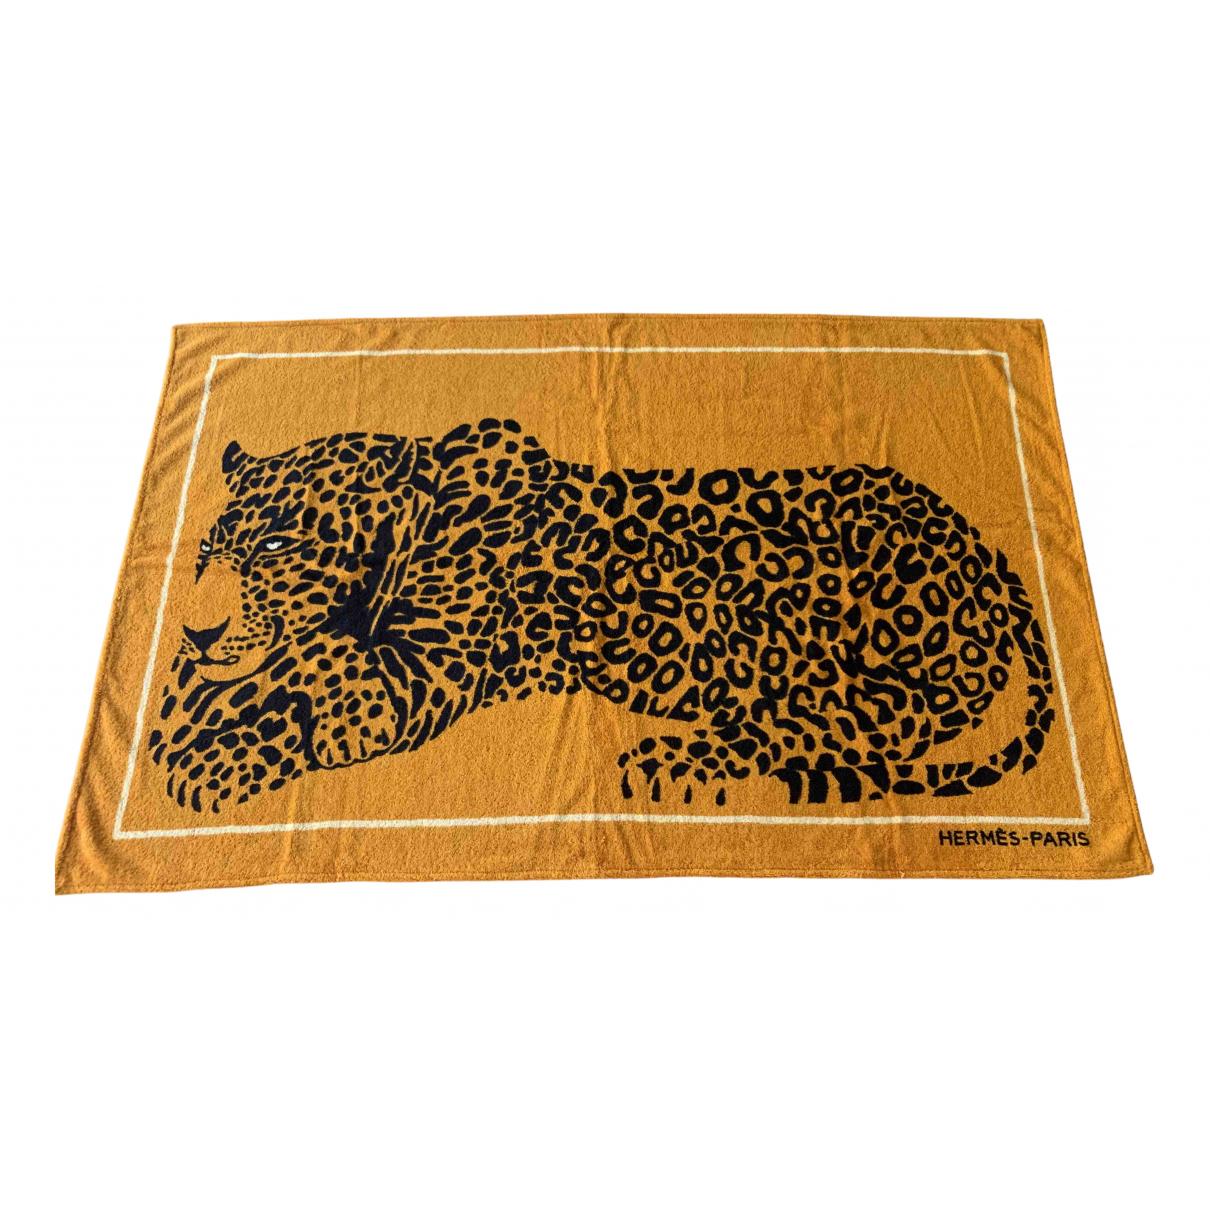 Hermes - Linge de maison Les Leopards pour lifestyle en eponge - orange